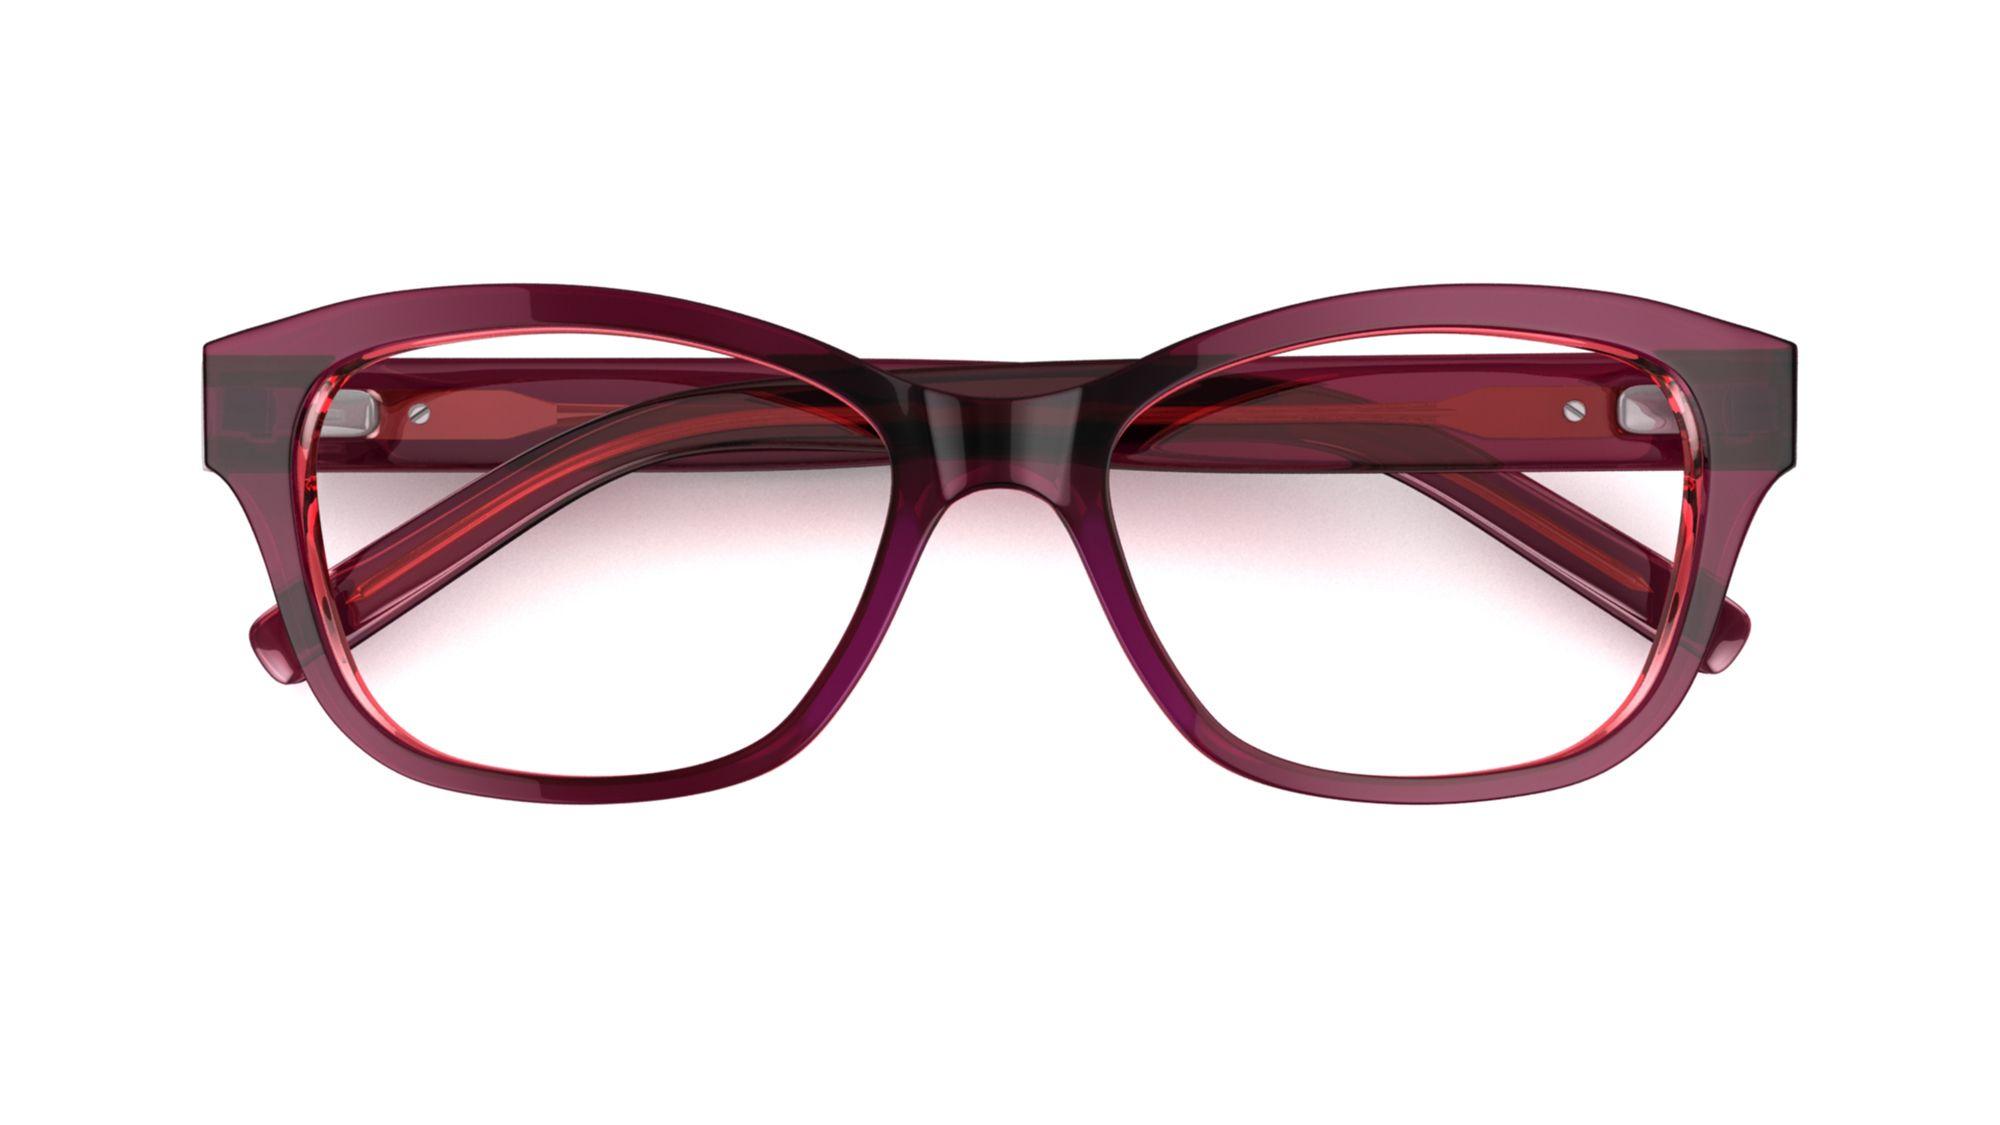 fe8749514e Karl Lagerfeld glasses - KL26